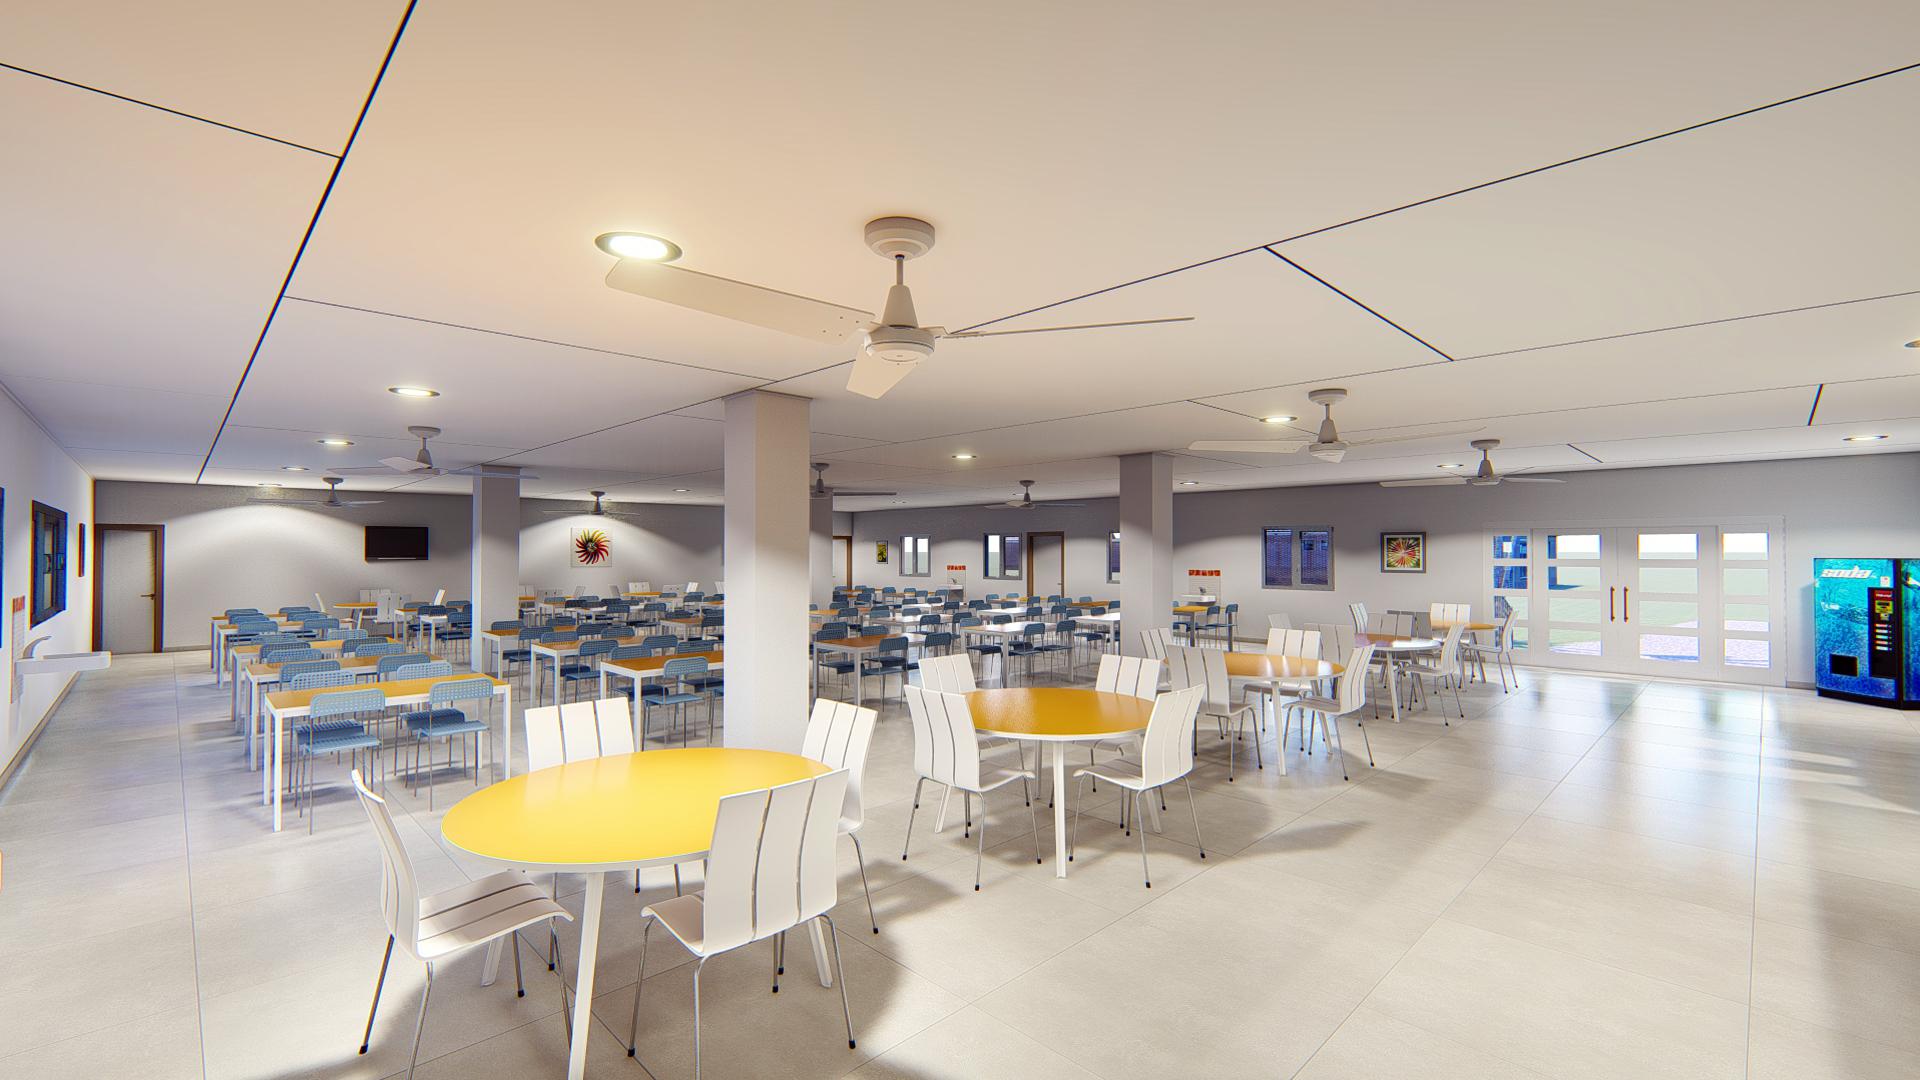 रेस्तरां इंटीरियर 3d max Other में प्रस्तुत छवि